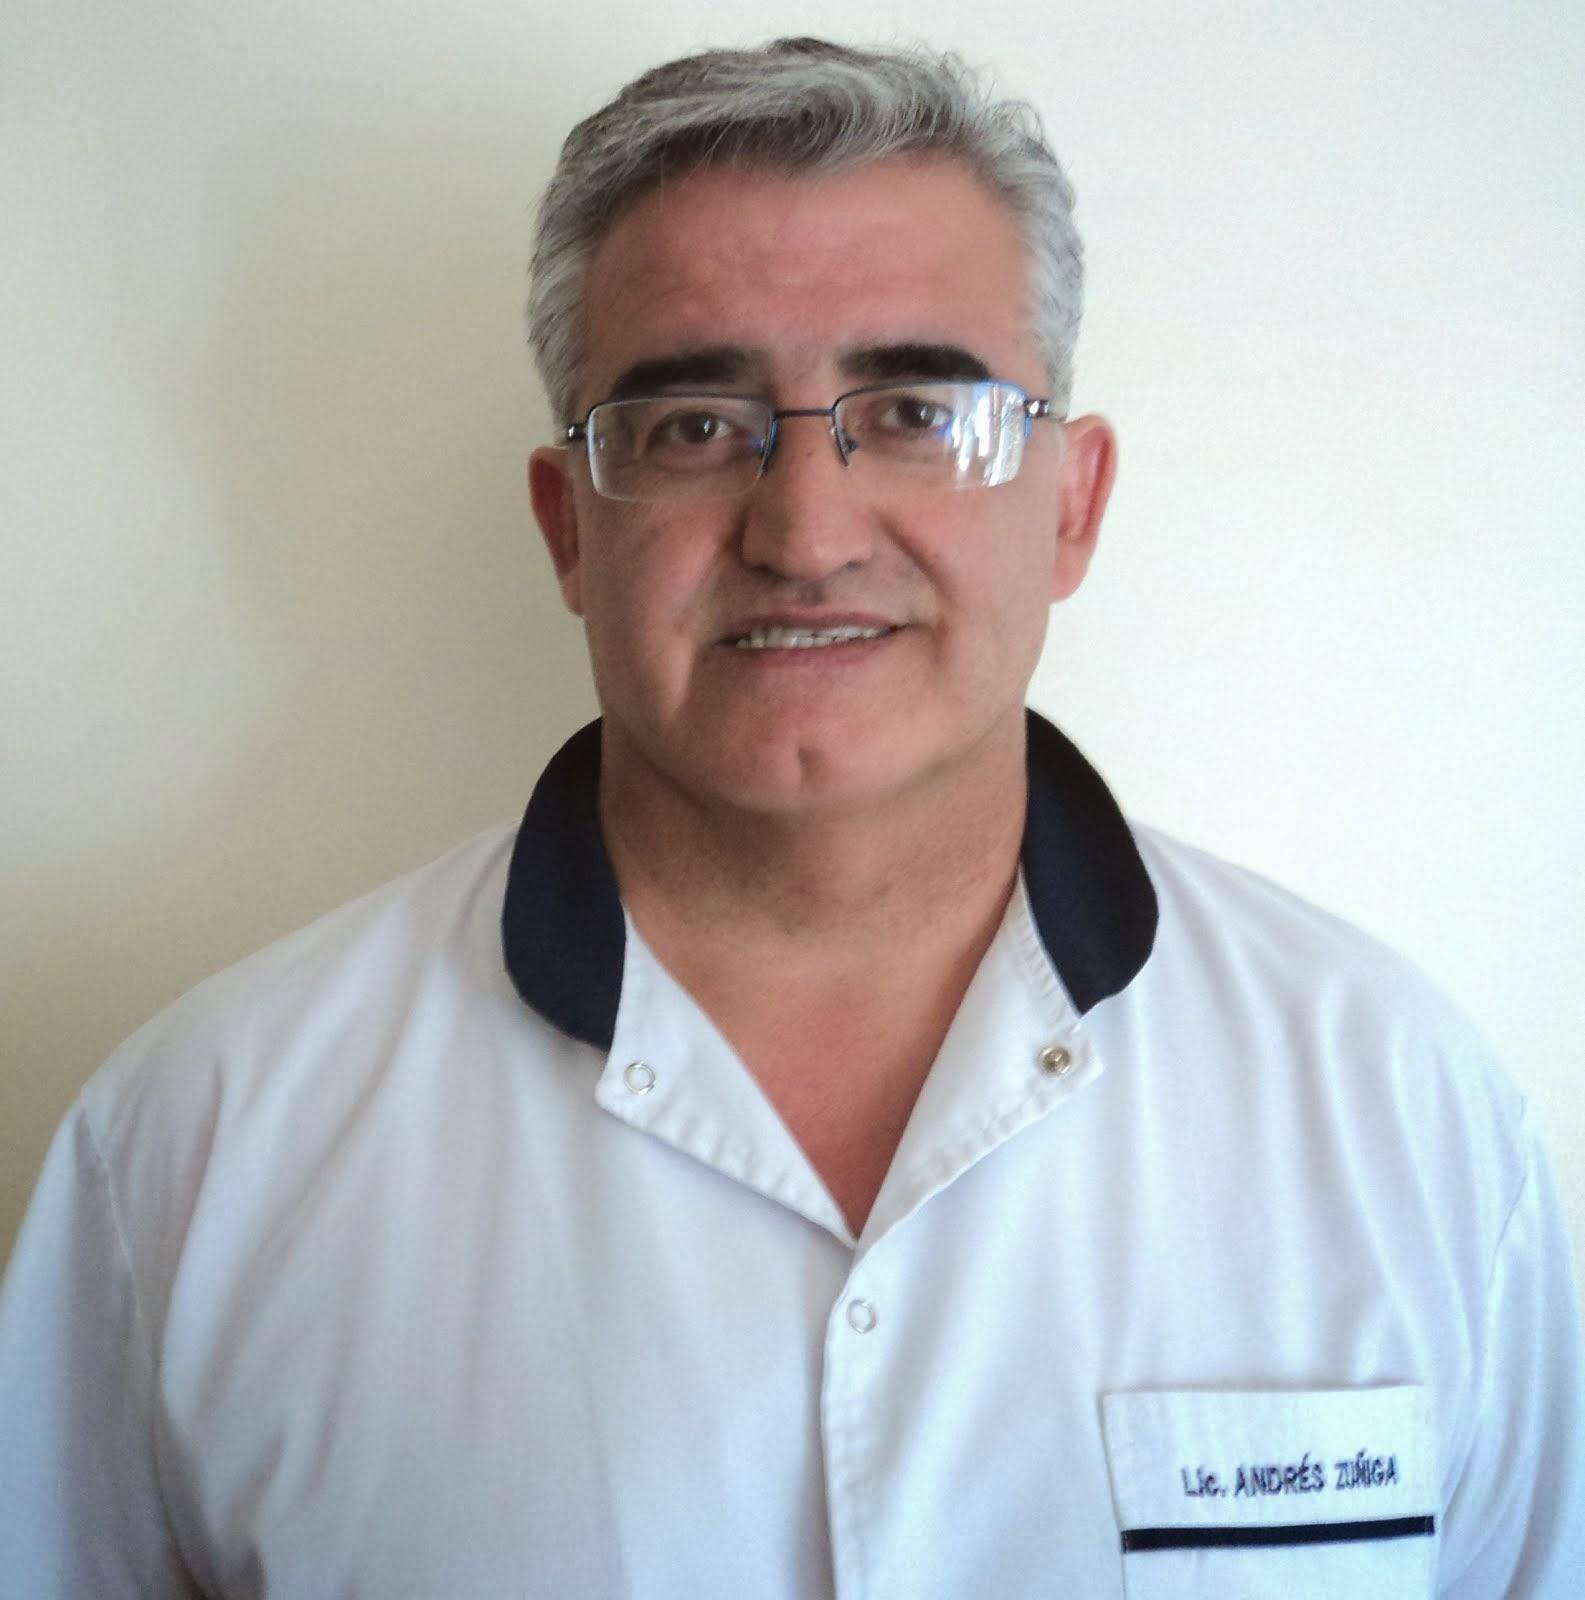 Lic. Andrés Zúñiga